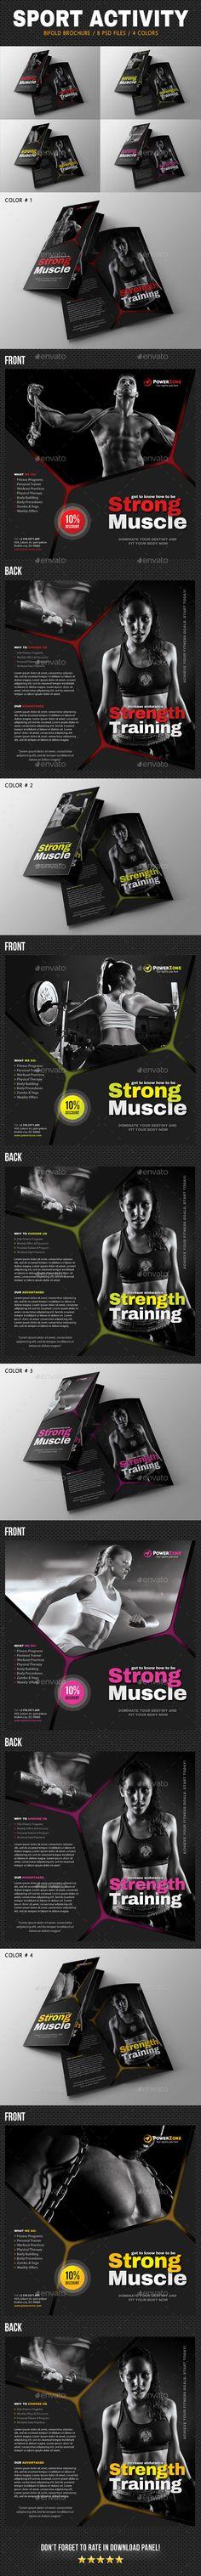 Sport Activity Bifold Brochure 04 - Brochures Print Templates Download here : https://graphicriver.net/item/sport-activity-bifold-brochure-04/19276255?s_rank=115&ref=Al-fatih